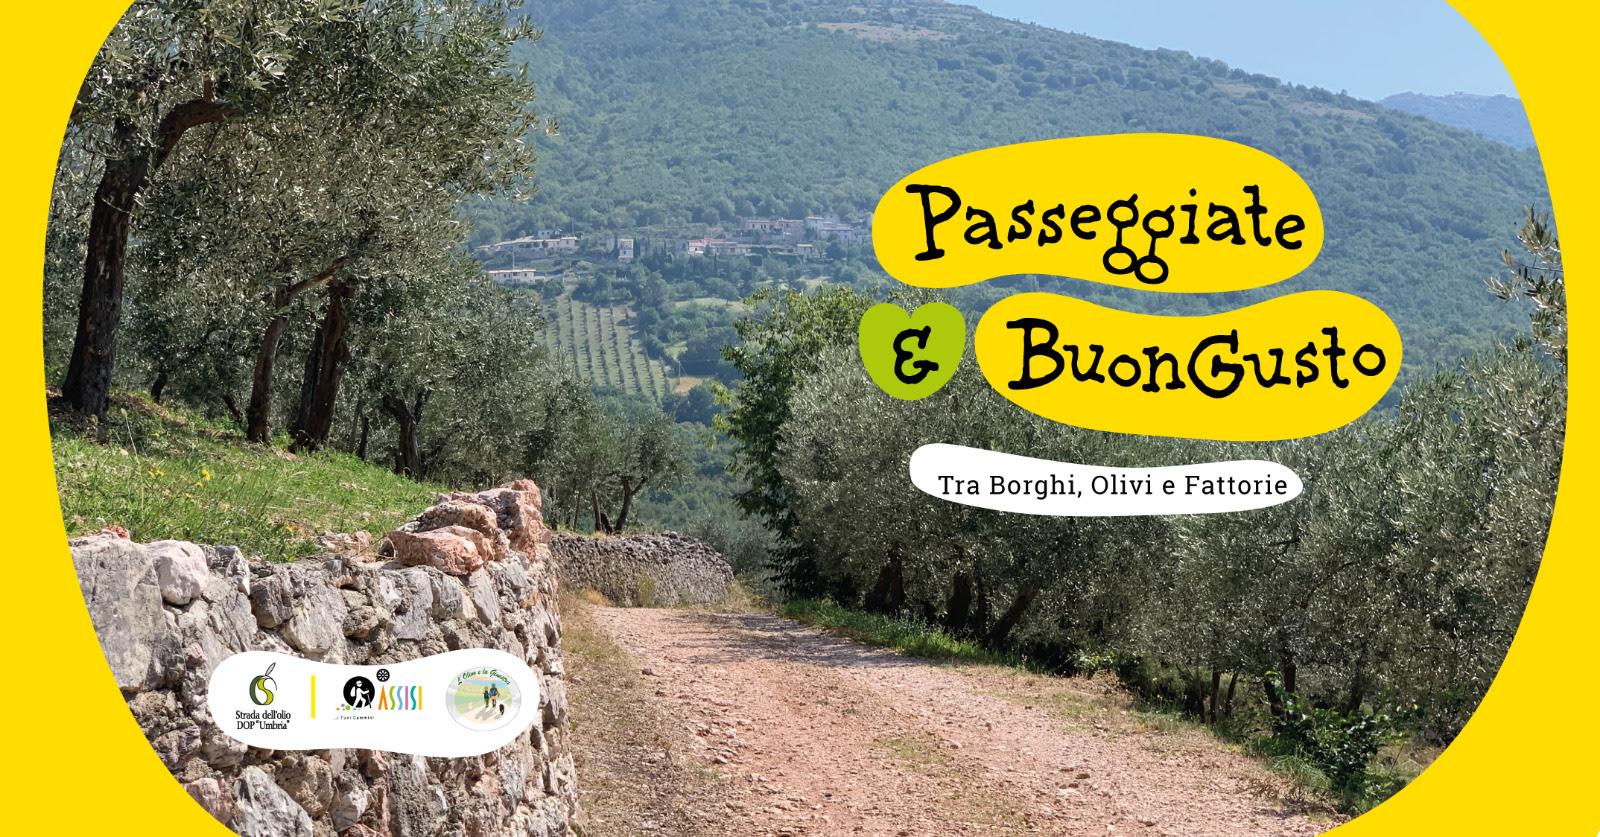 Sabato 12 giugno a Torgiano (Pg),una giornata dedicata all'oleoturismo con una passeggiata a piedi e, per la prima volta, anche una passeggiata in bicicletta.